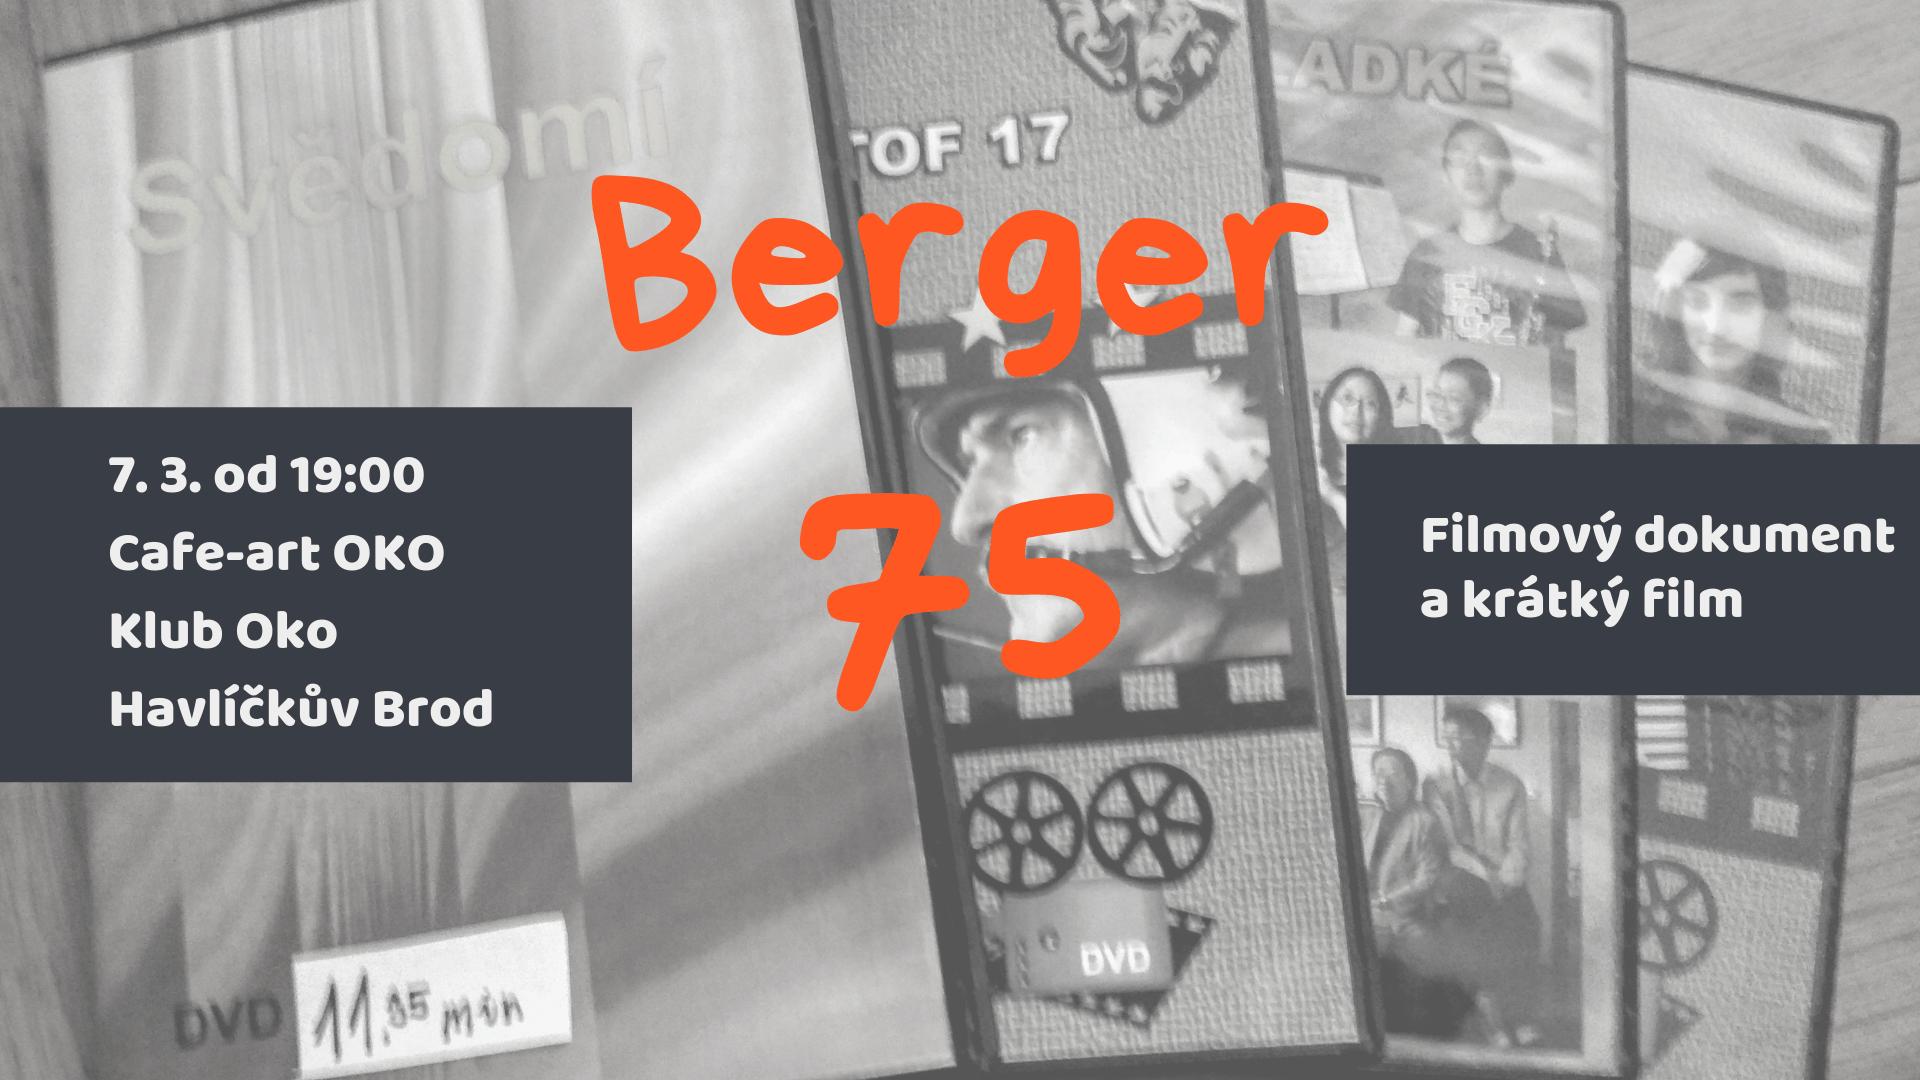 Svou tvorbu dokumentaristy a filmaře, tedy krátký film a dokument představí Petr Berger v Cafe-art OKO Havlíčkův Brod